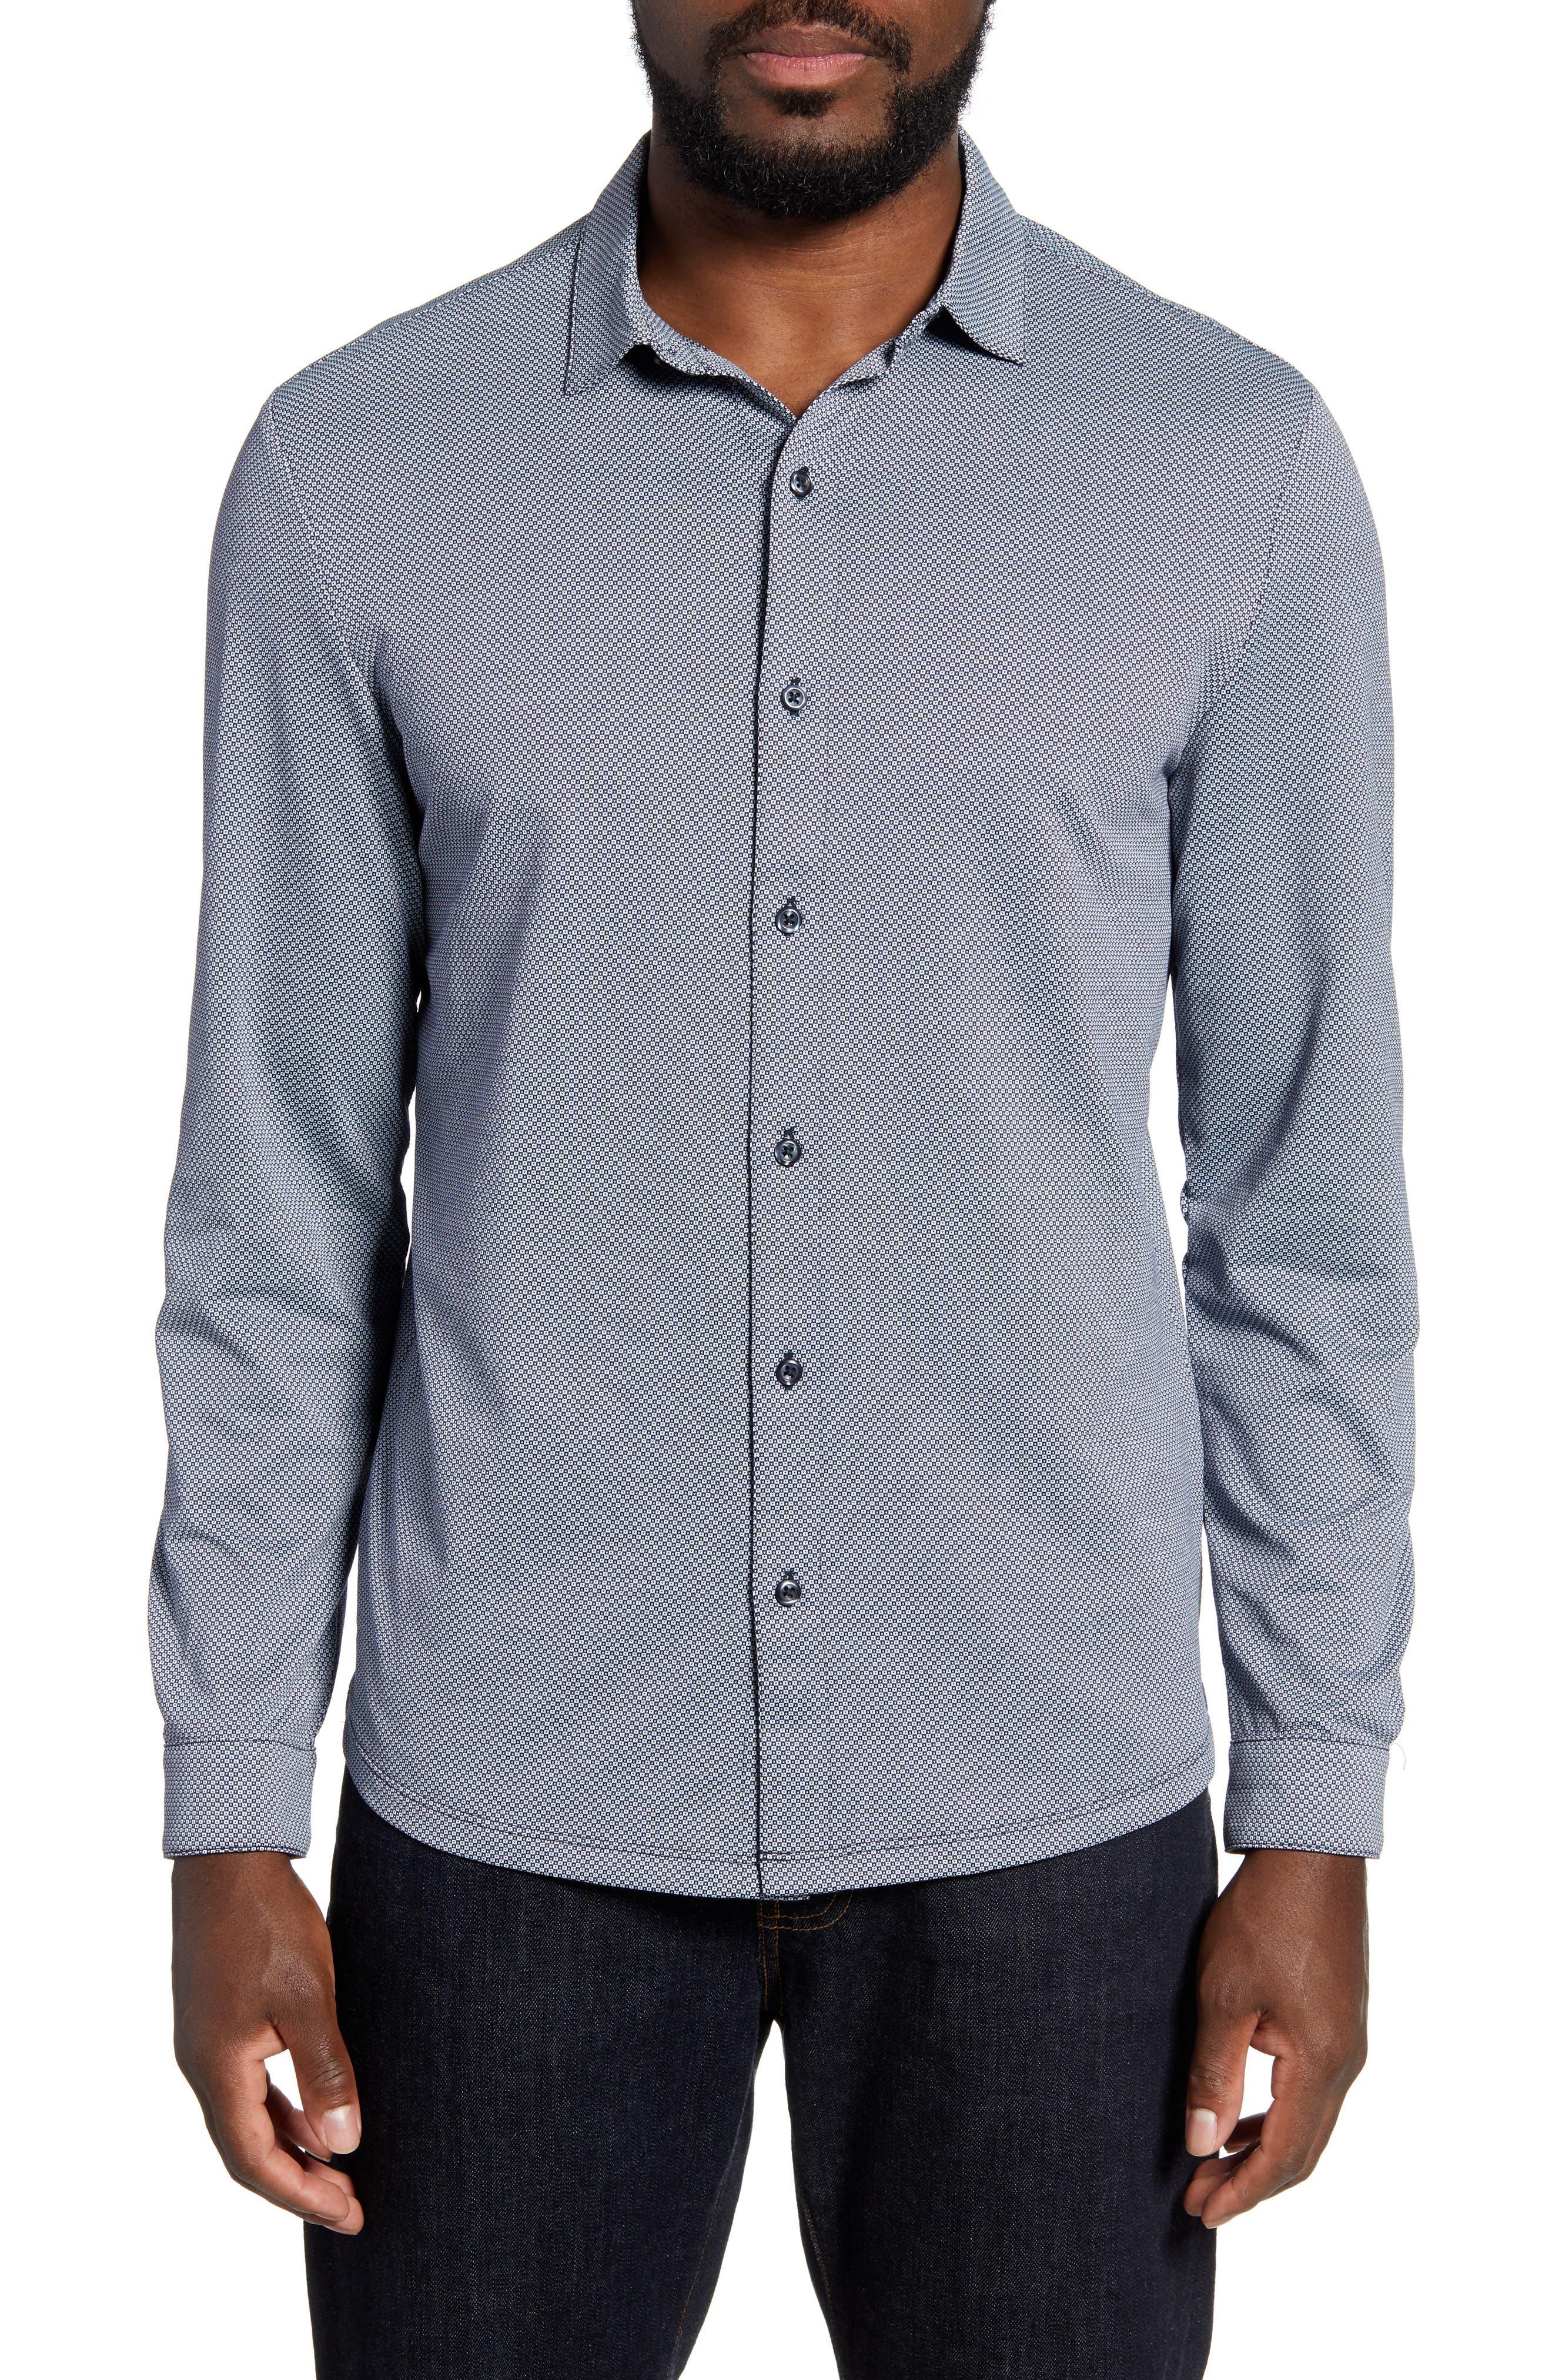 Kinglsey Falls Knit Button Up Shirt by Robert Barakett